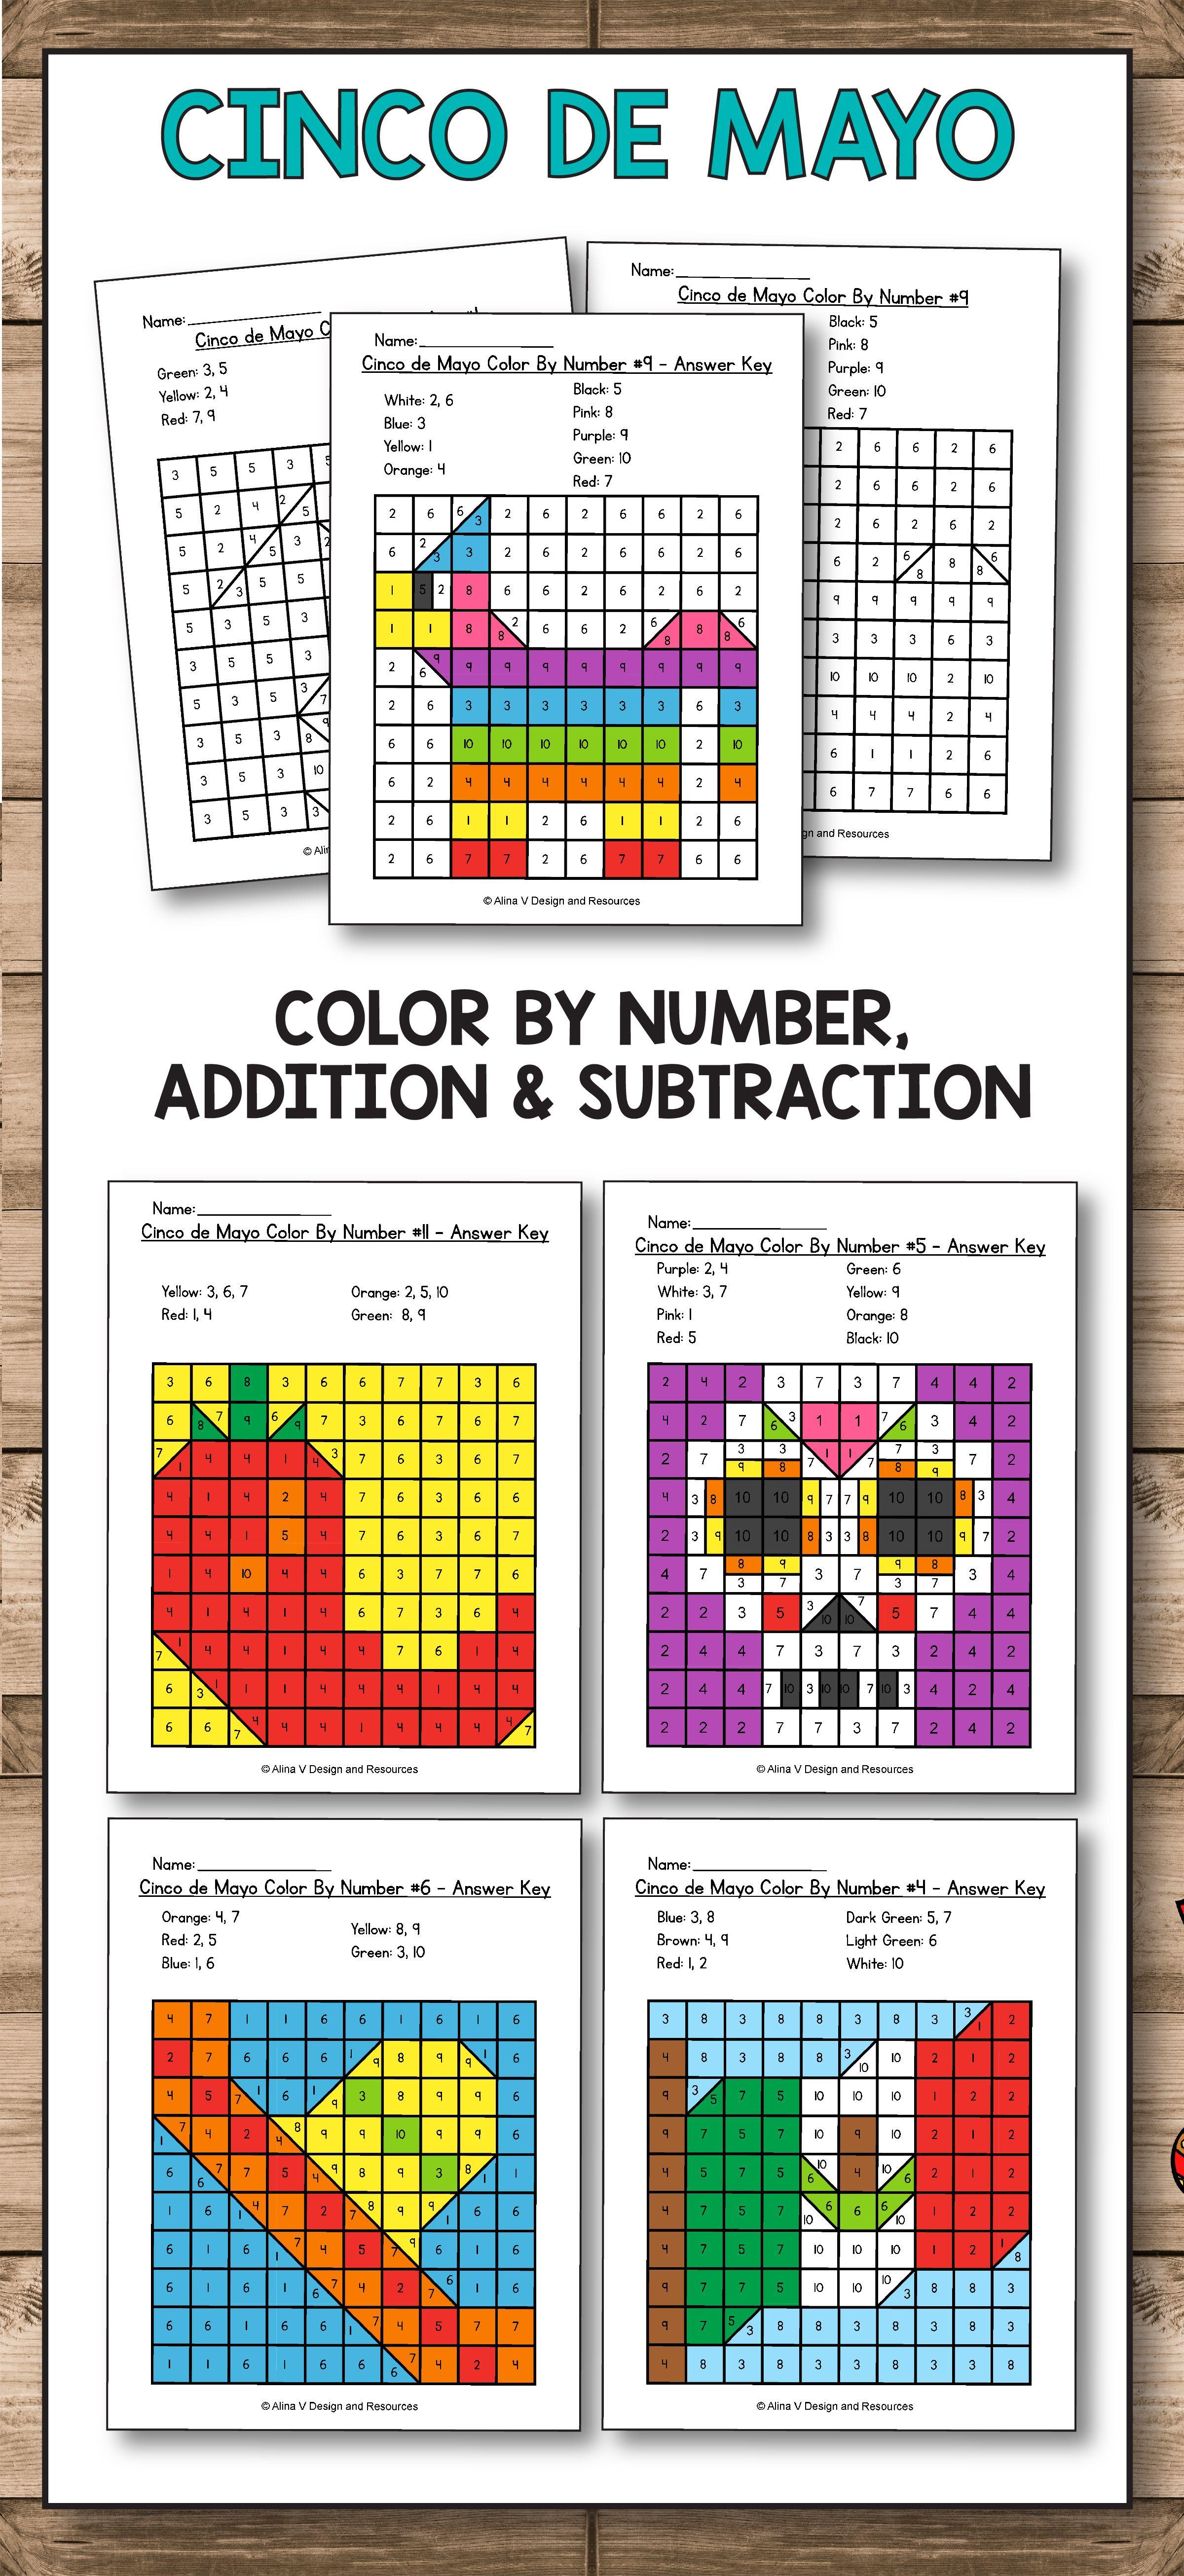 Cinco De Mayo activities and worksheets for preschool [ 5223 x 2400 Pixel ]